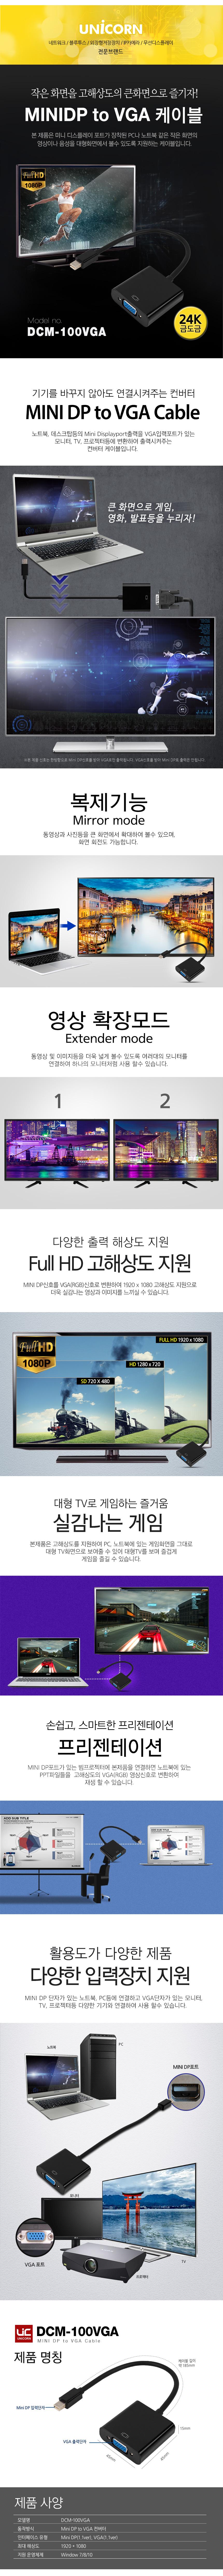 서진네트웍스 UNICORN Mini DisplayPort 1.1 to VGA 컨버터 (DCM-100VGA)